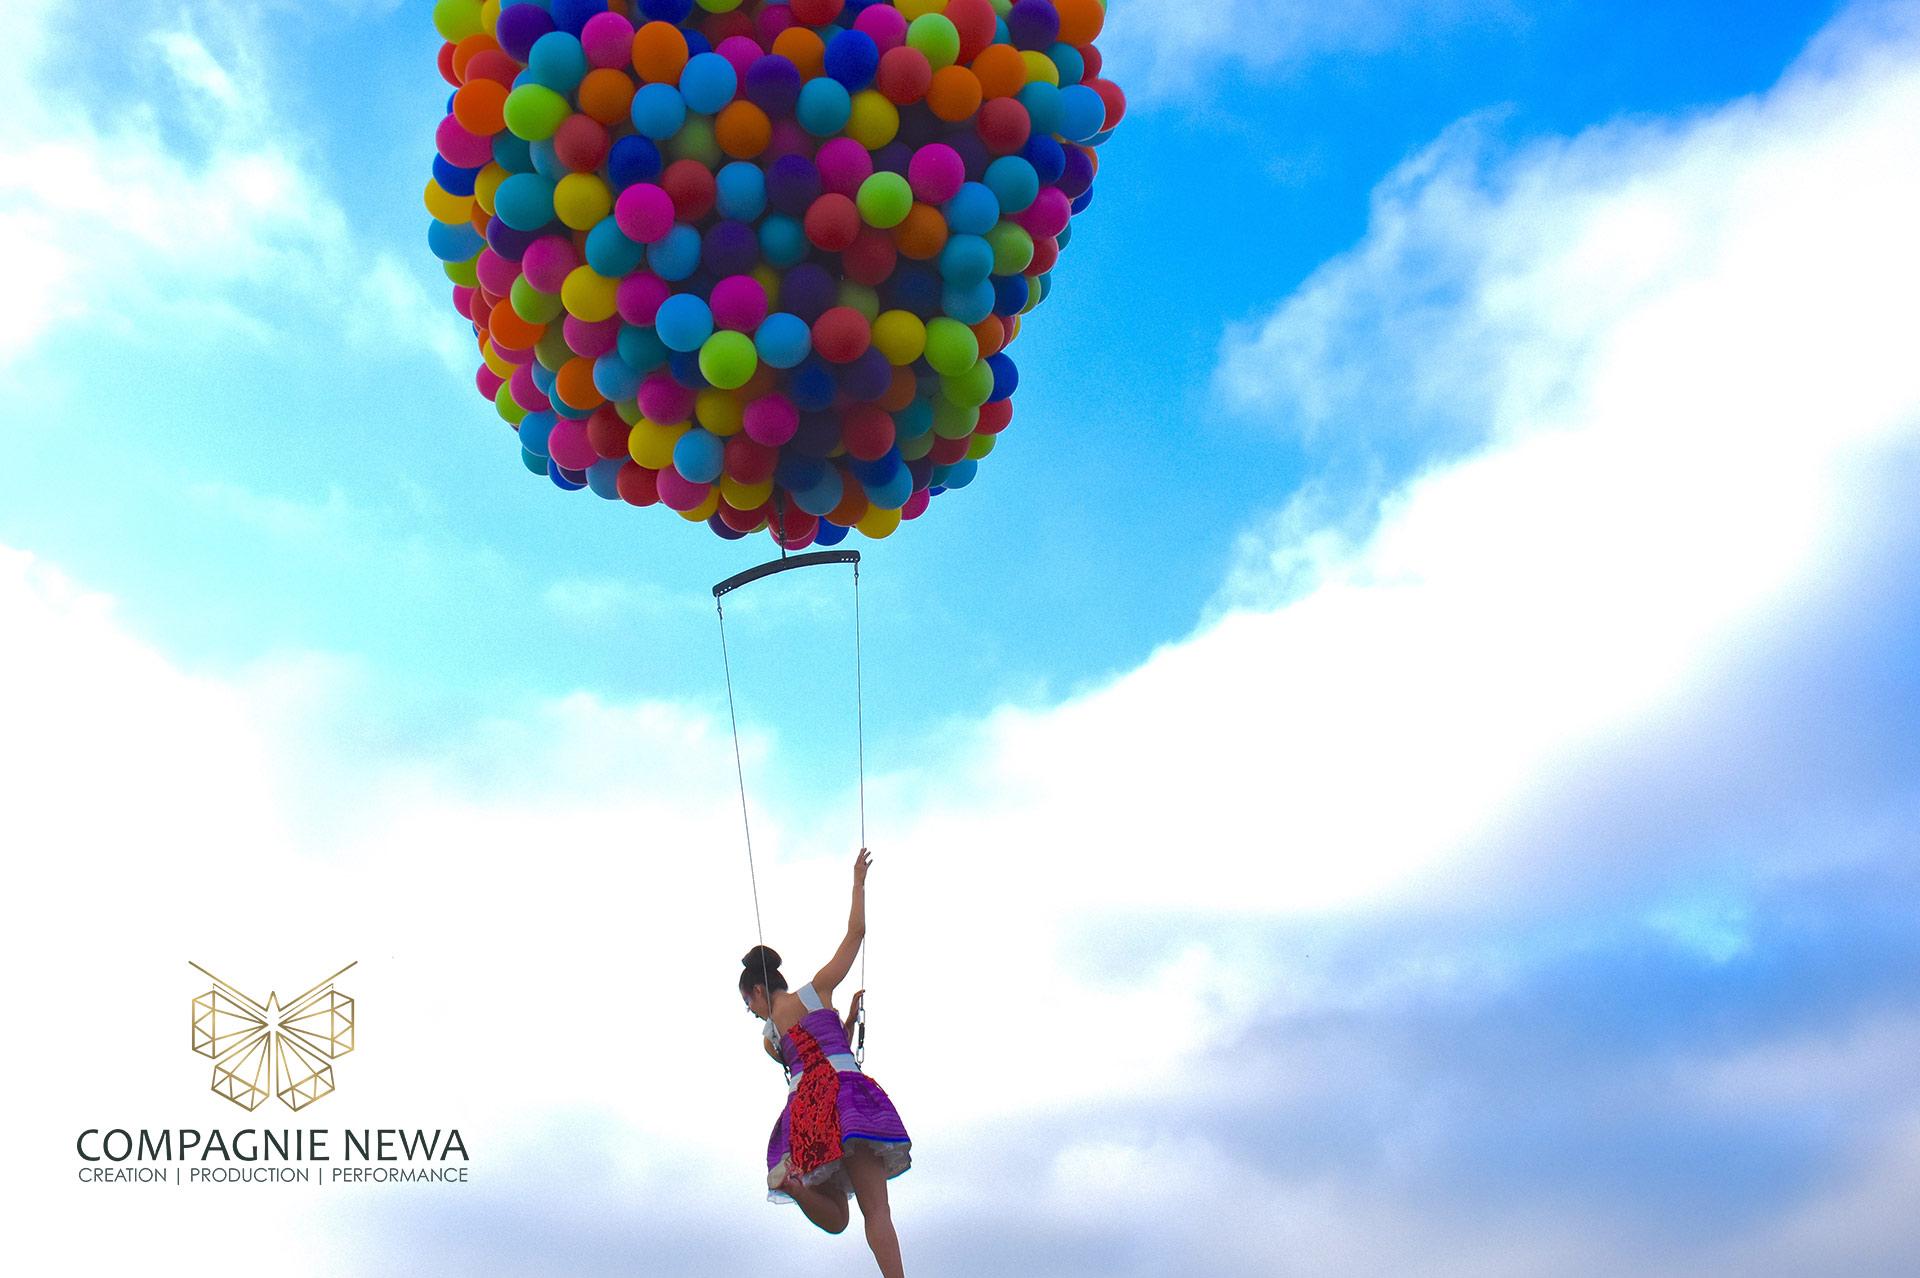 Compagnie_NEWA_balloon_act_paris_amsterdam_crane